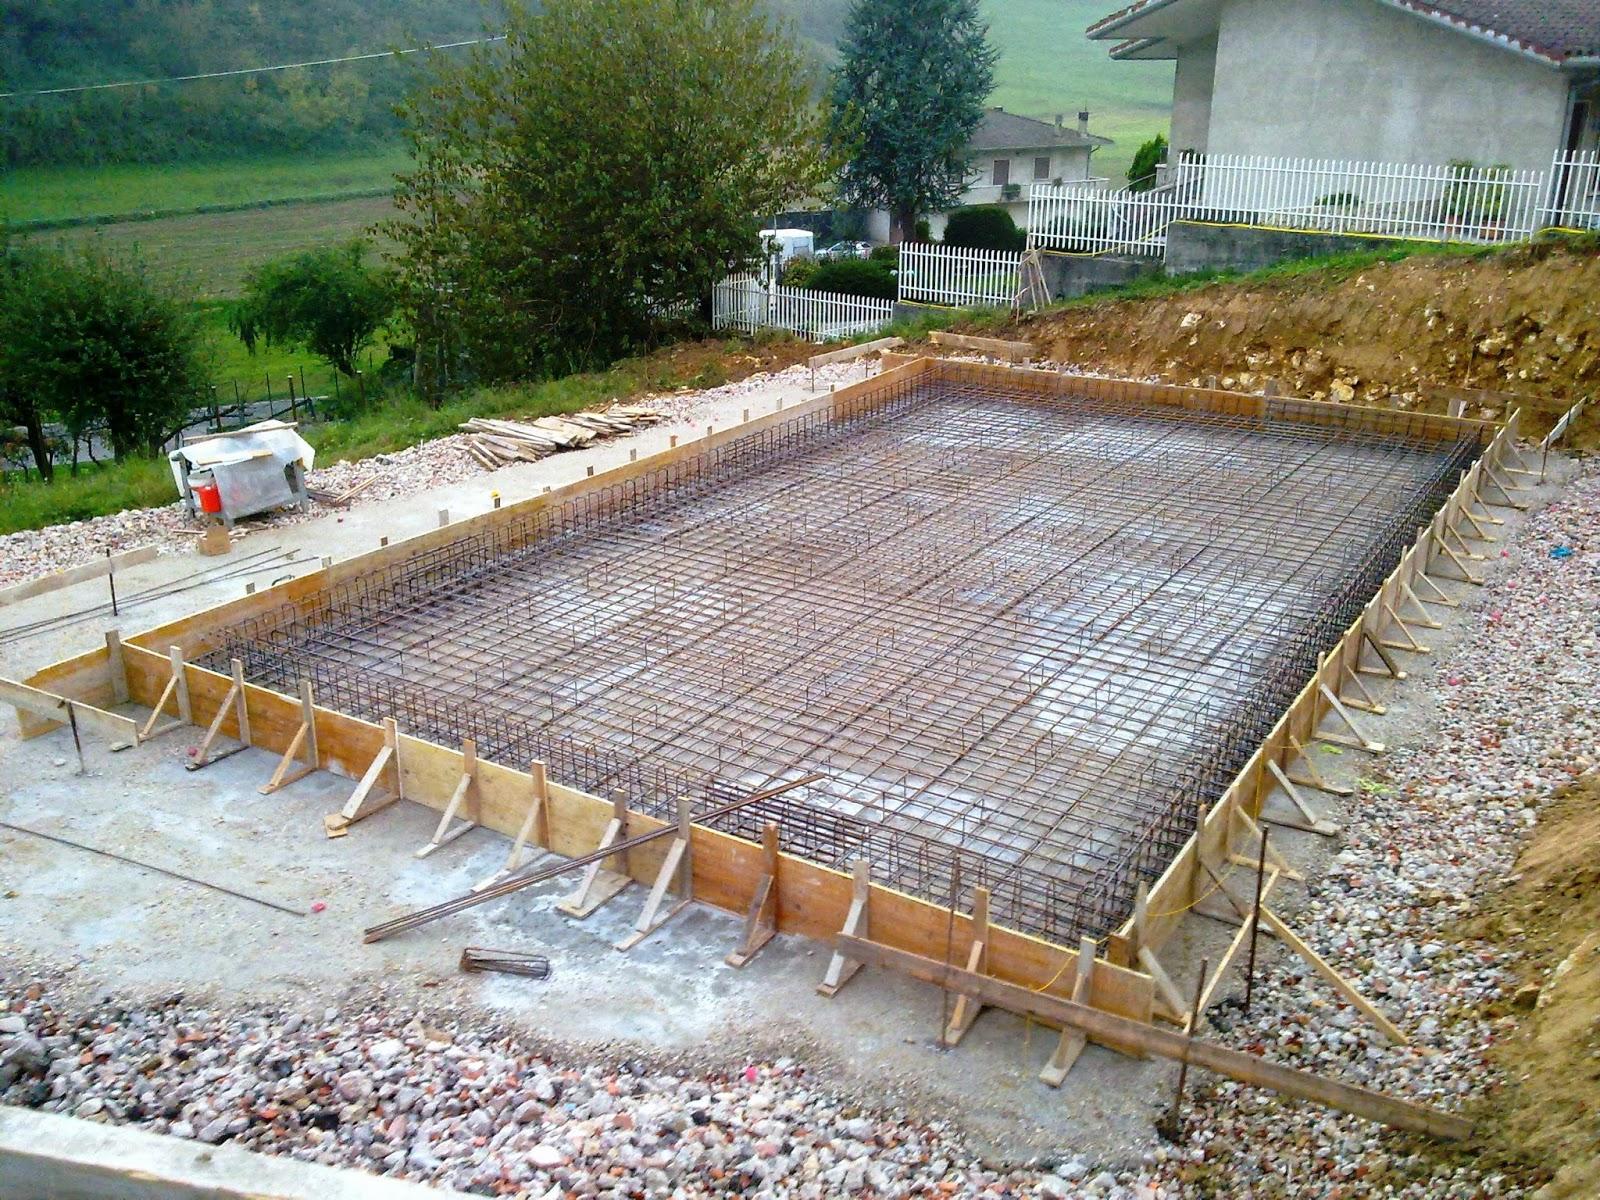 Plan up architettura design le fondazioni for Stili di fondazione di case